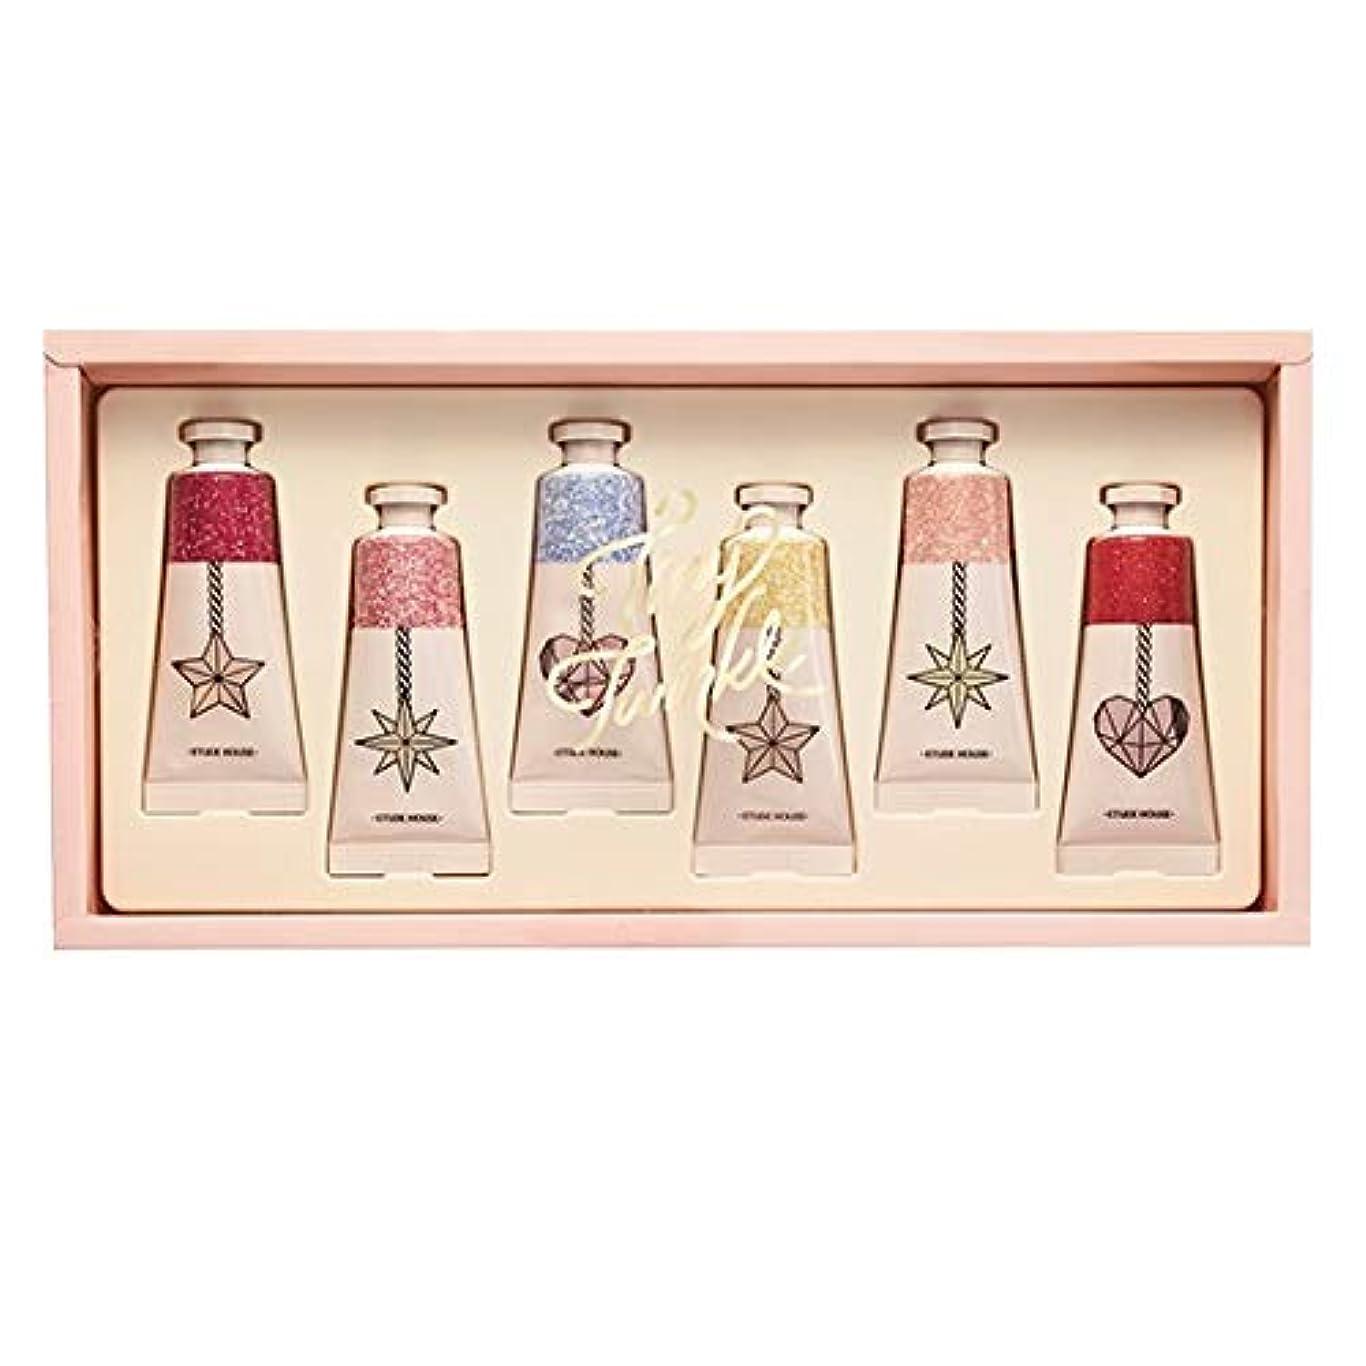 どう?うるさい非武装化エチュードハウス タイニー トゥインクル カラーフル セント パフュームド ハンドクリーム/ETUDE HOUSE Tiny Twinkle Colorful Scent Perfumed Handcream 6PCS...